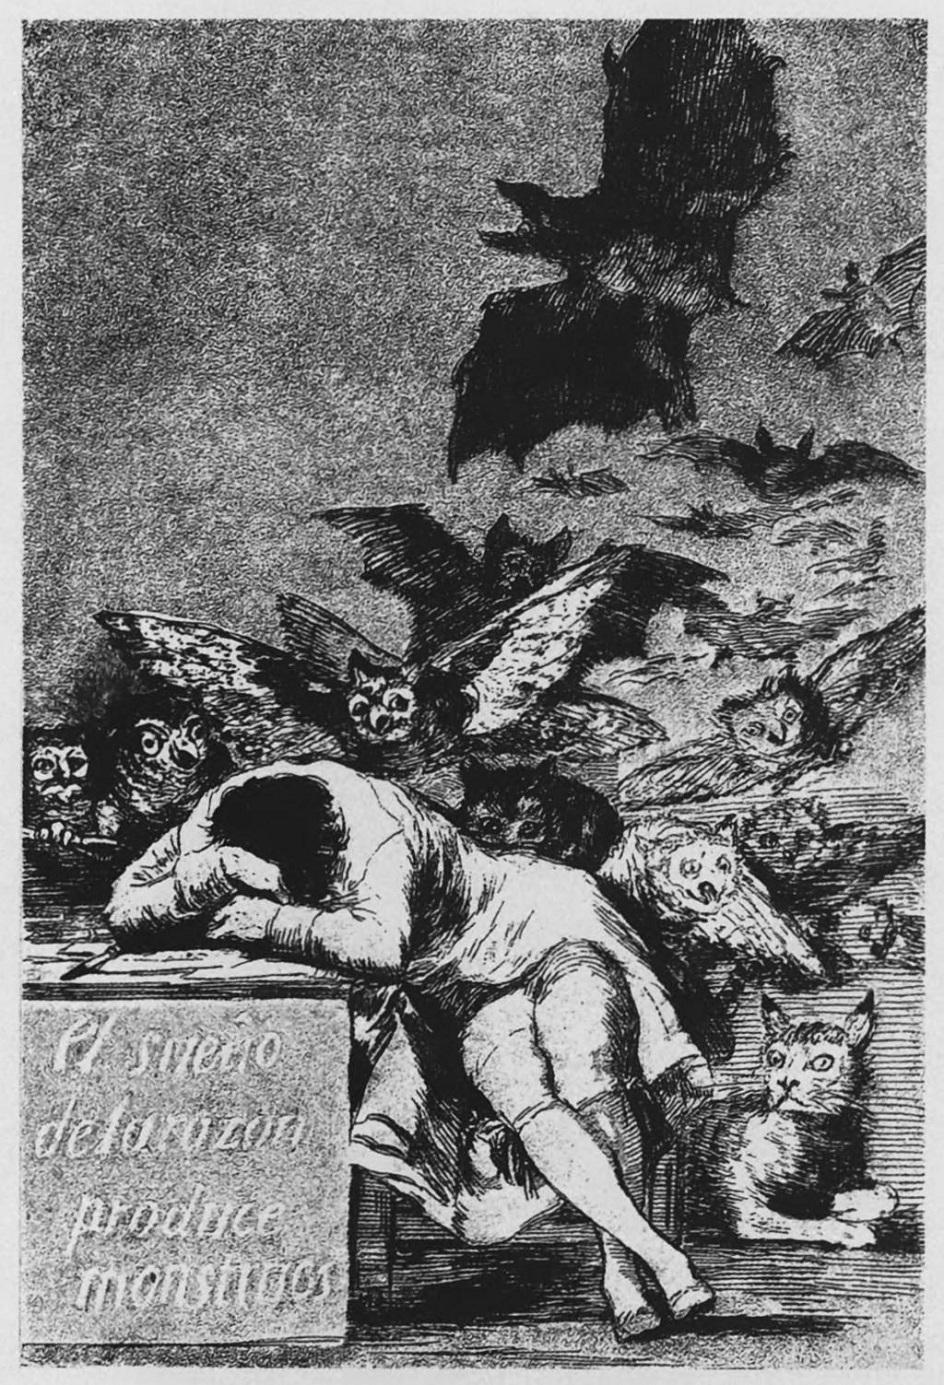 """Графика. Франсиско Гойя. """"Сон разума рождает чудовищ"""""""